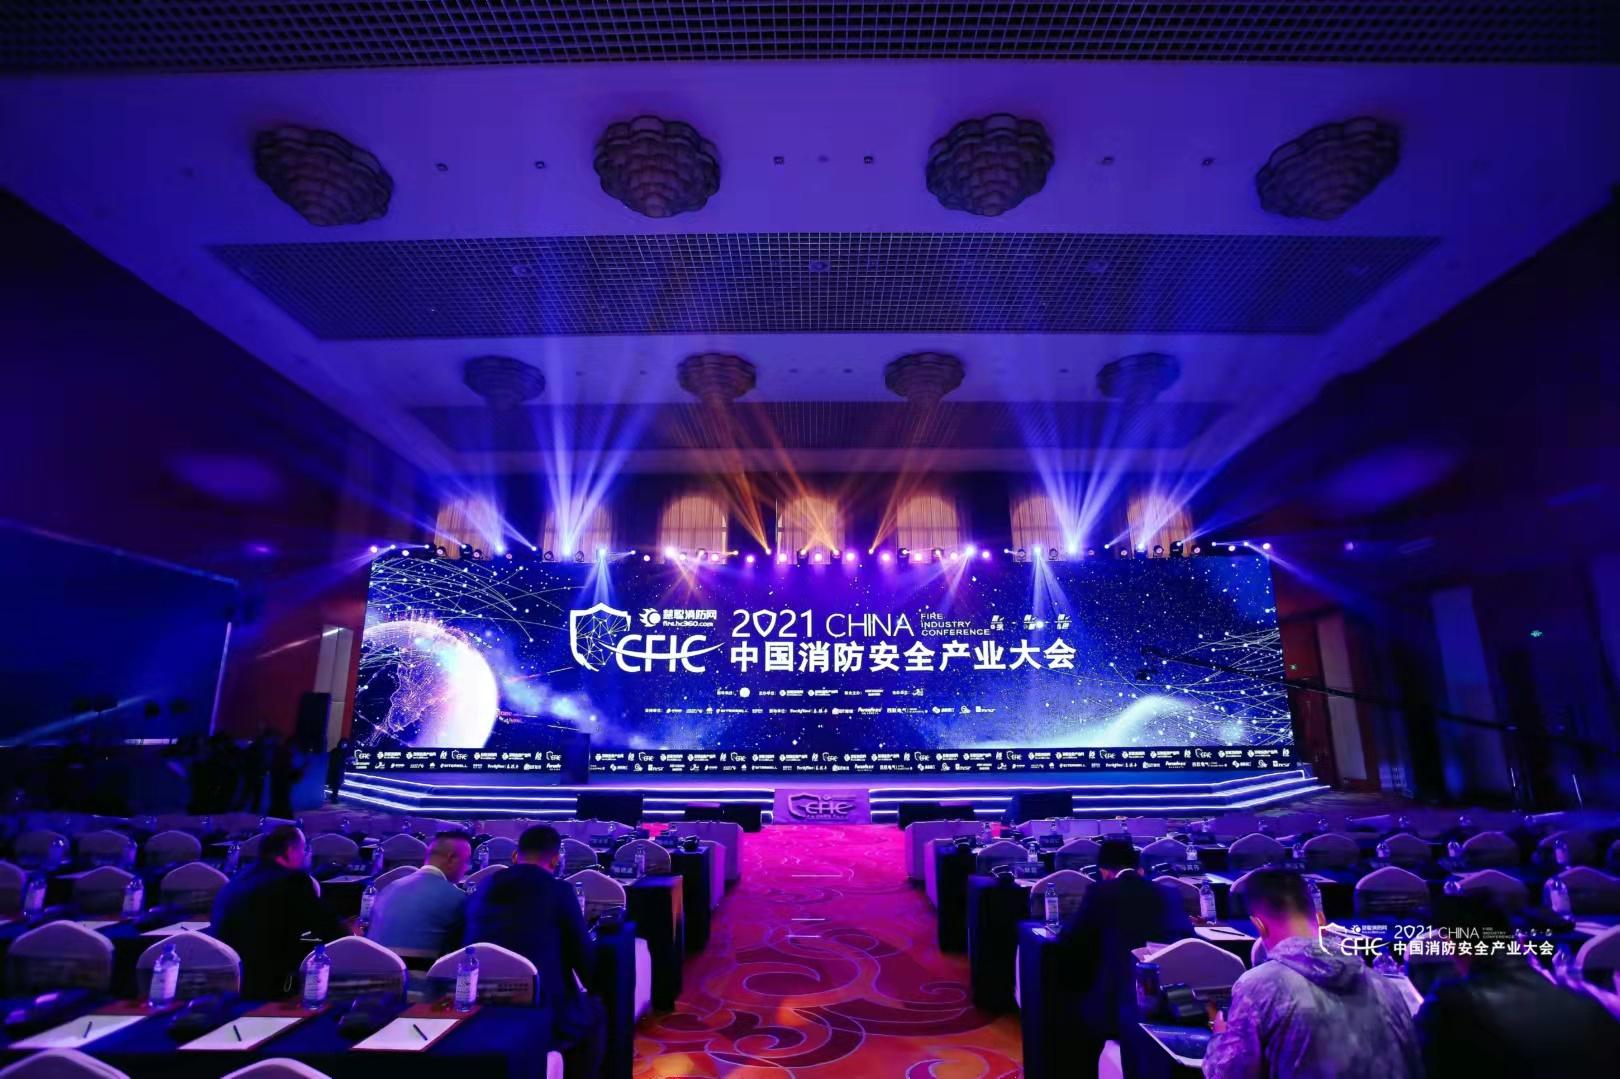 CFIC2021中国消防安全产业大会科技力量驱动产业融合变革探索新机遇